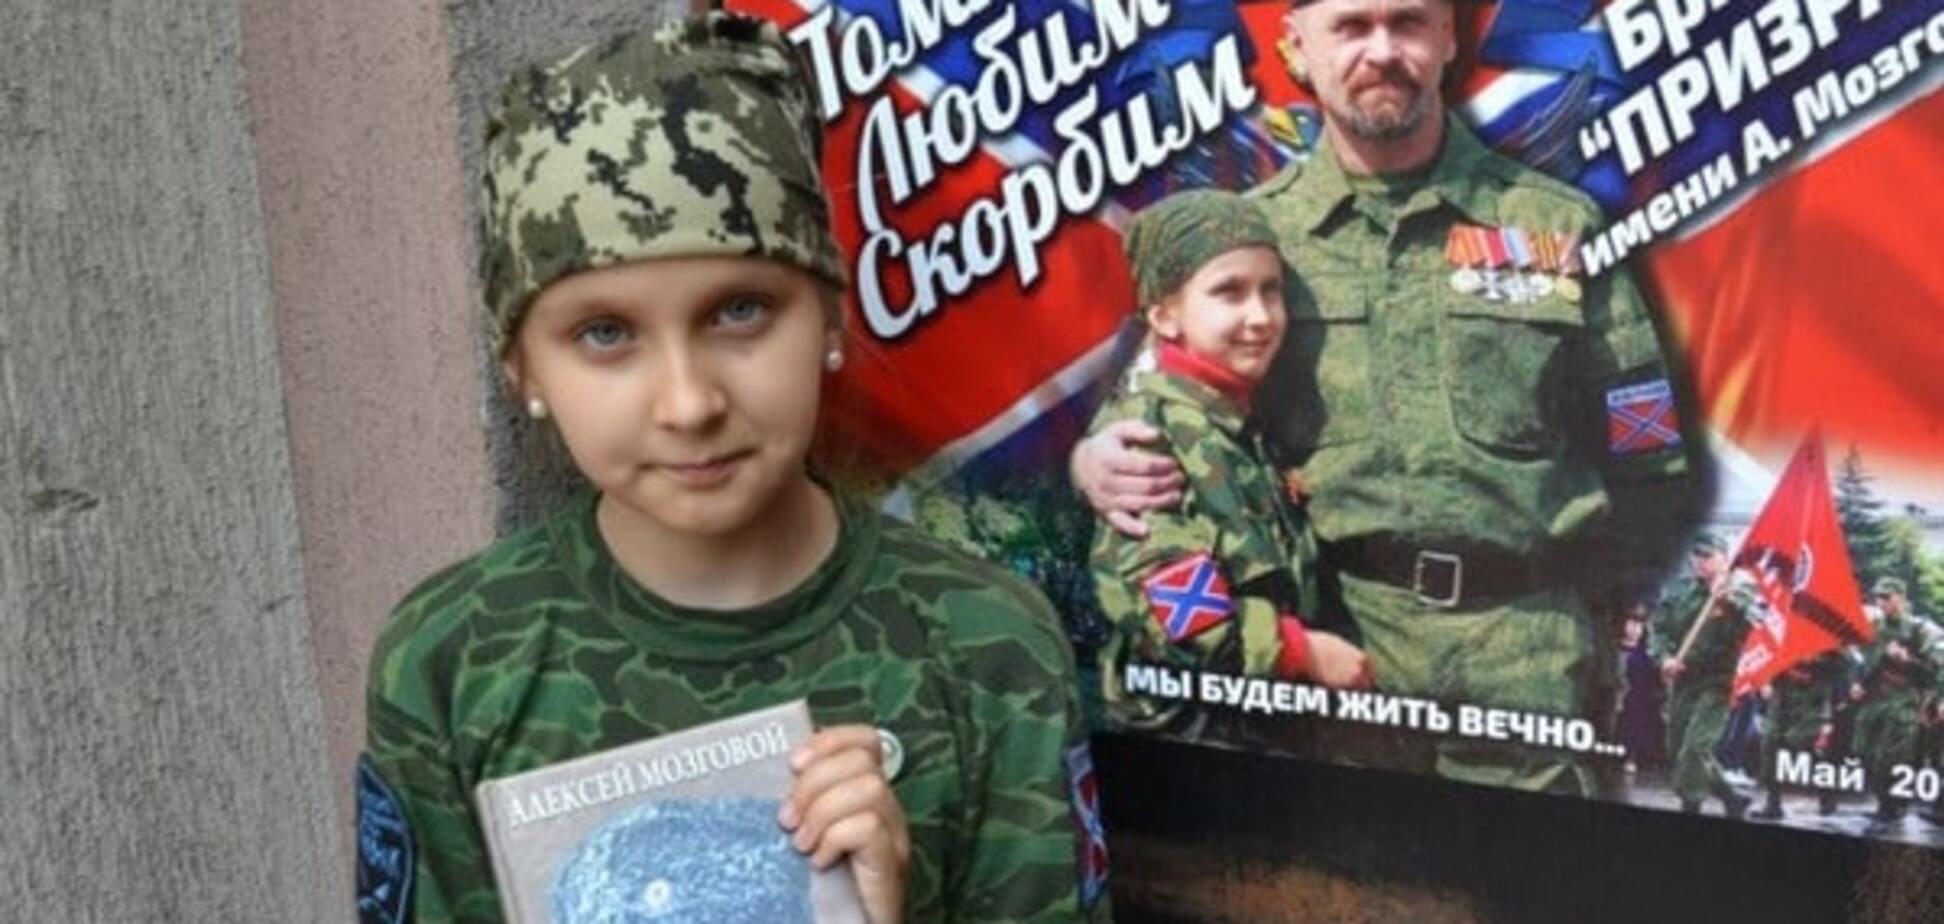 Сім'я малолітньої фанатки 'ЛНР' поскаржилася на репресії терористів